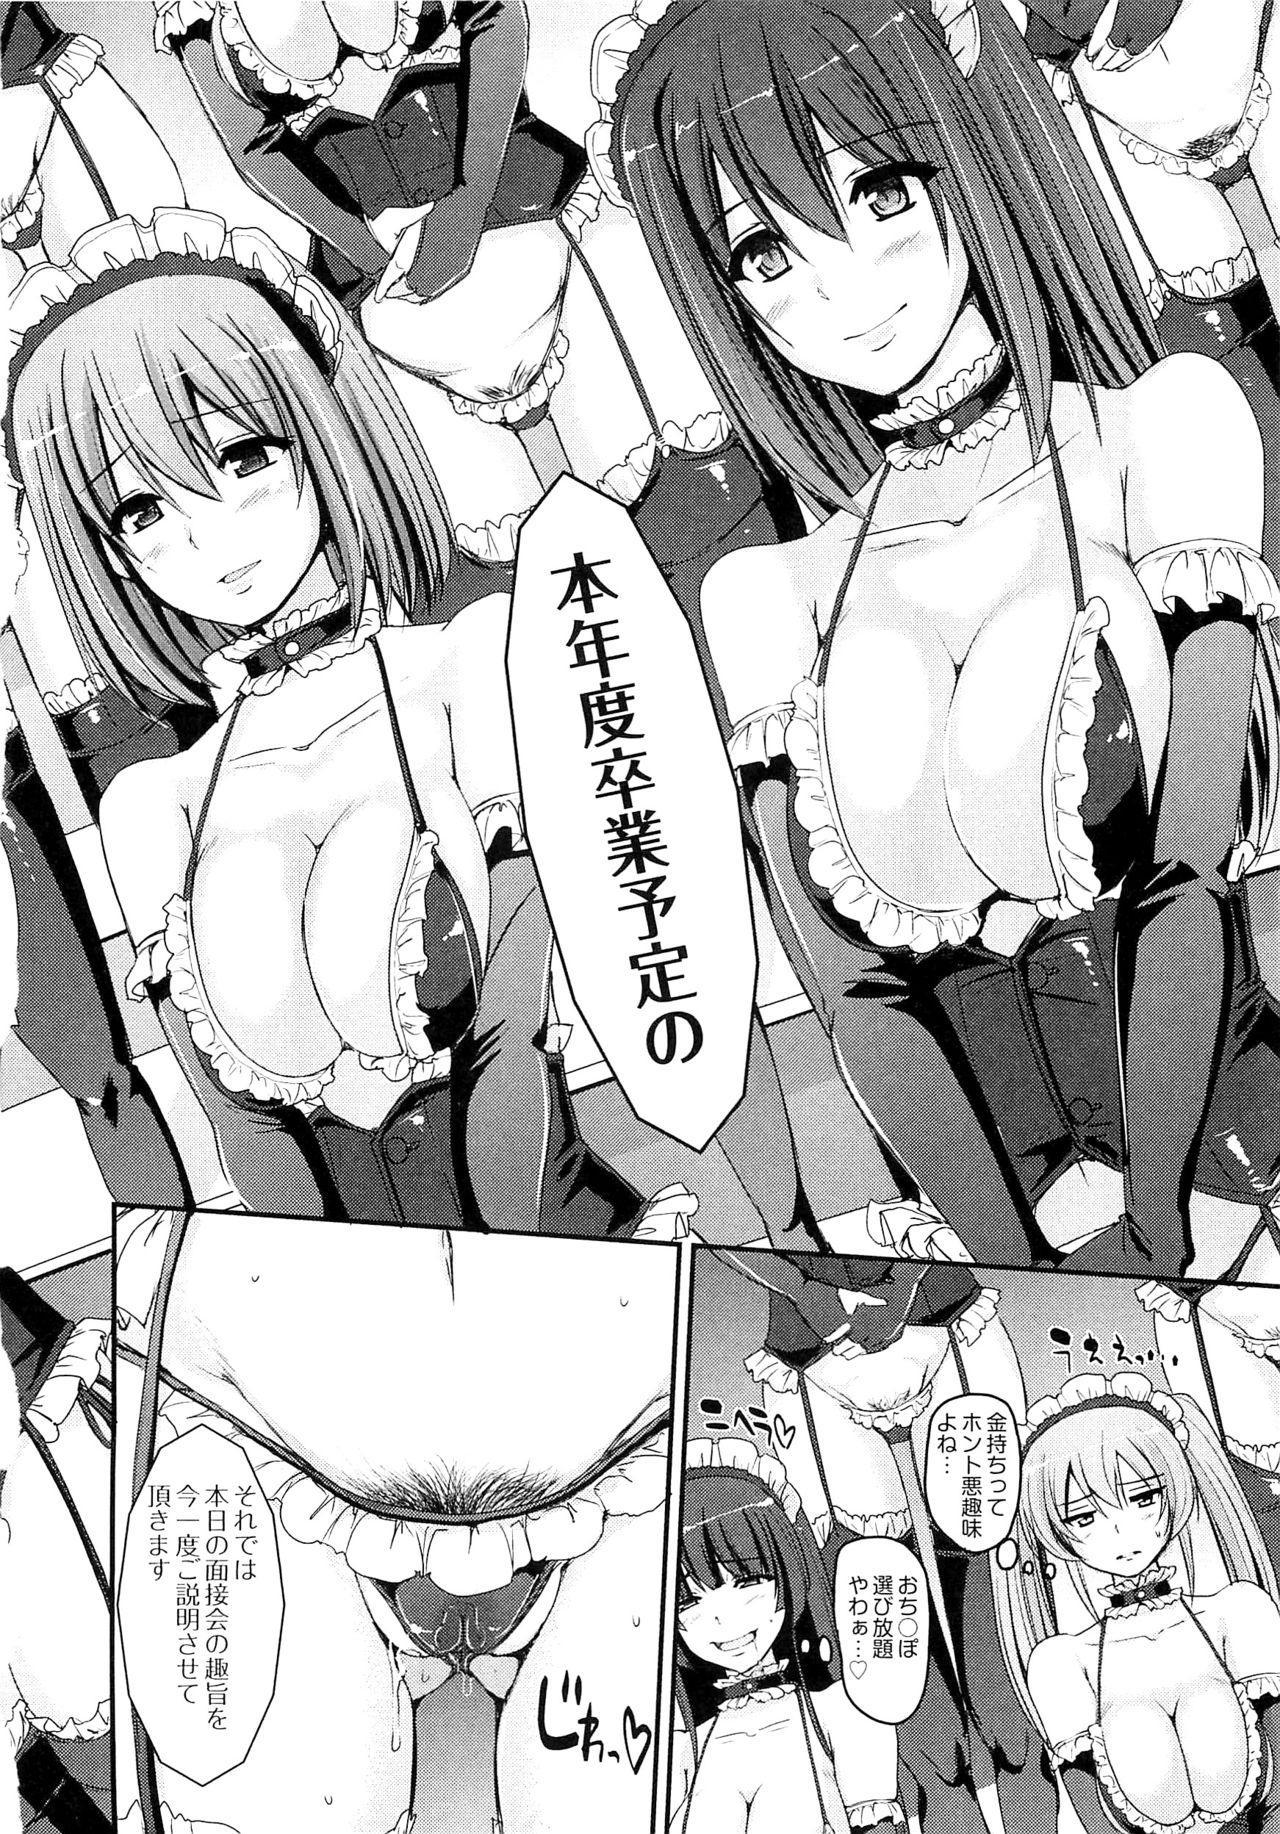 Maid Gakuen e Youkoso!! - Welcome to Maid Academy 117